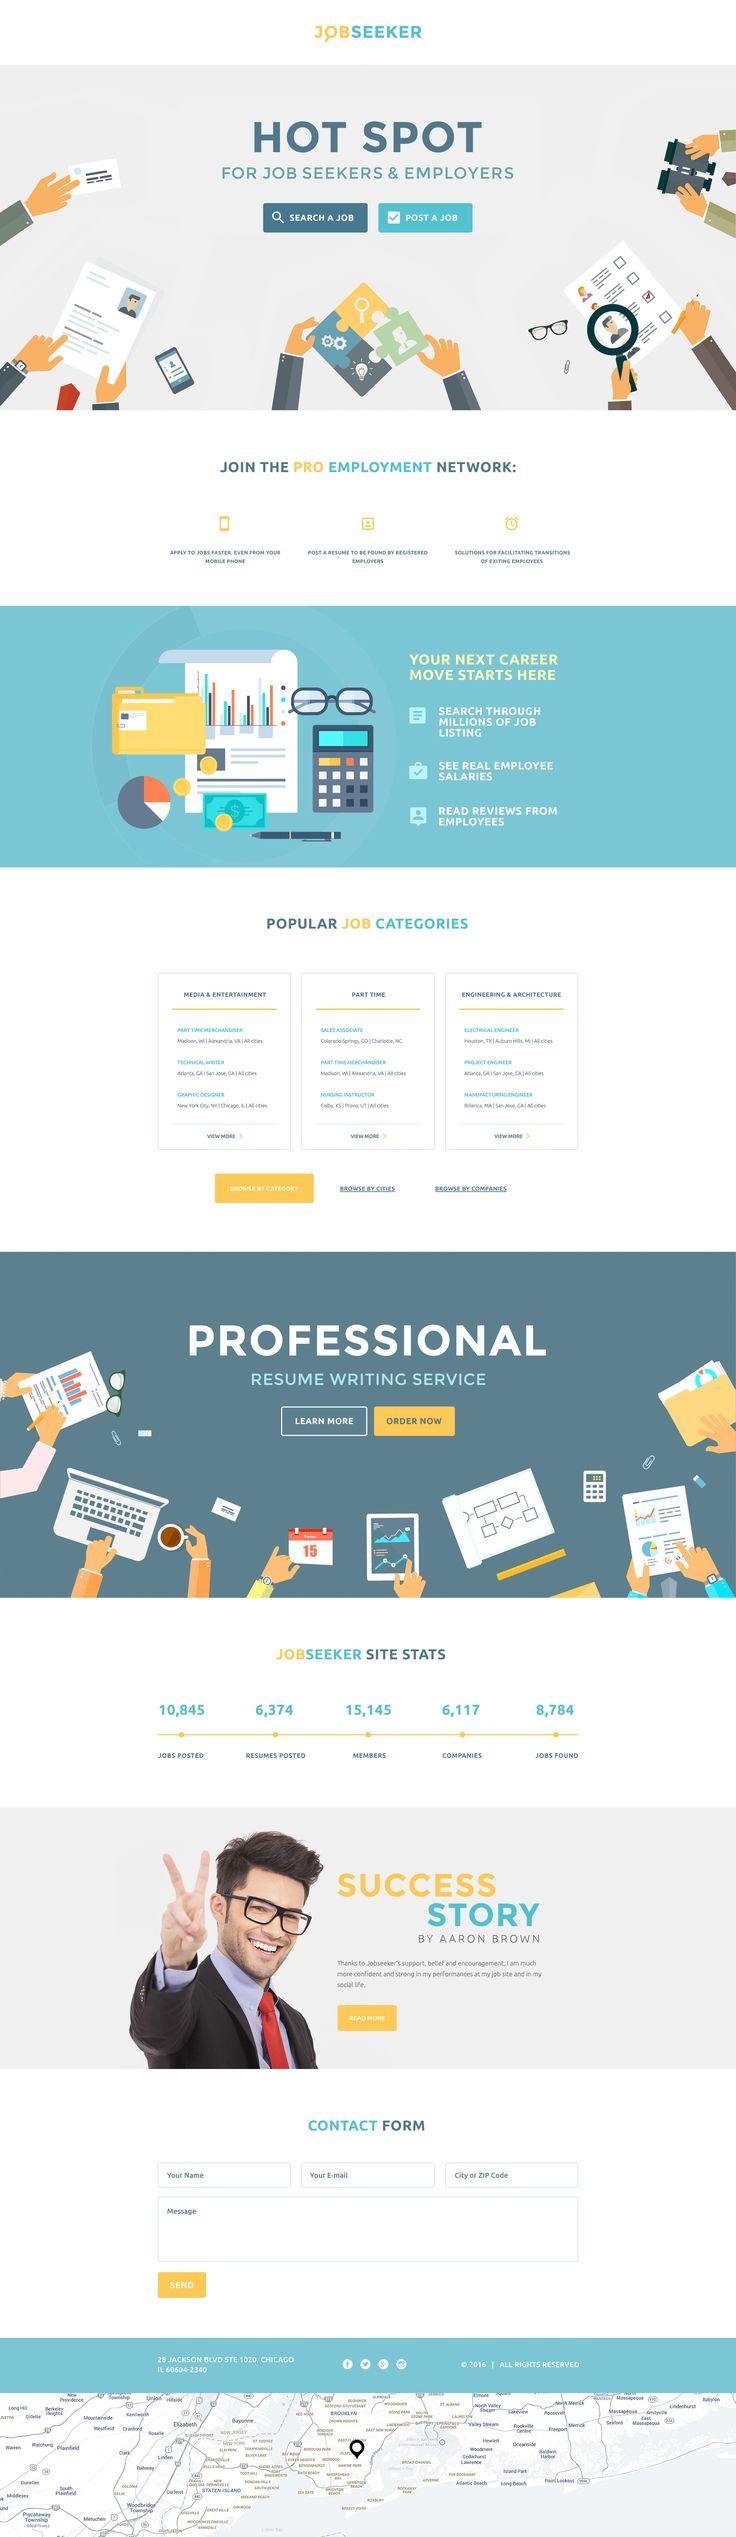 melhores ideias sobre job portal no layouts de job seeker landing page template